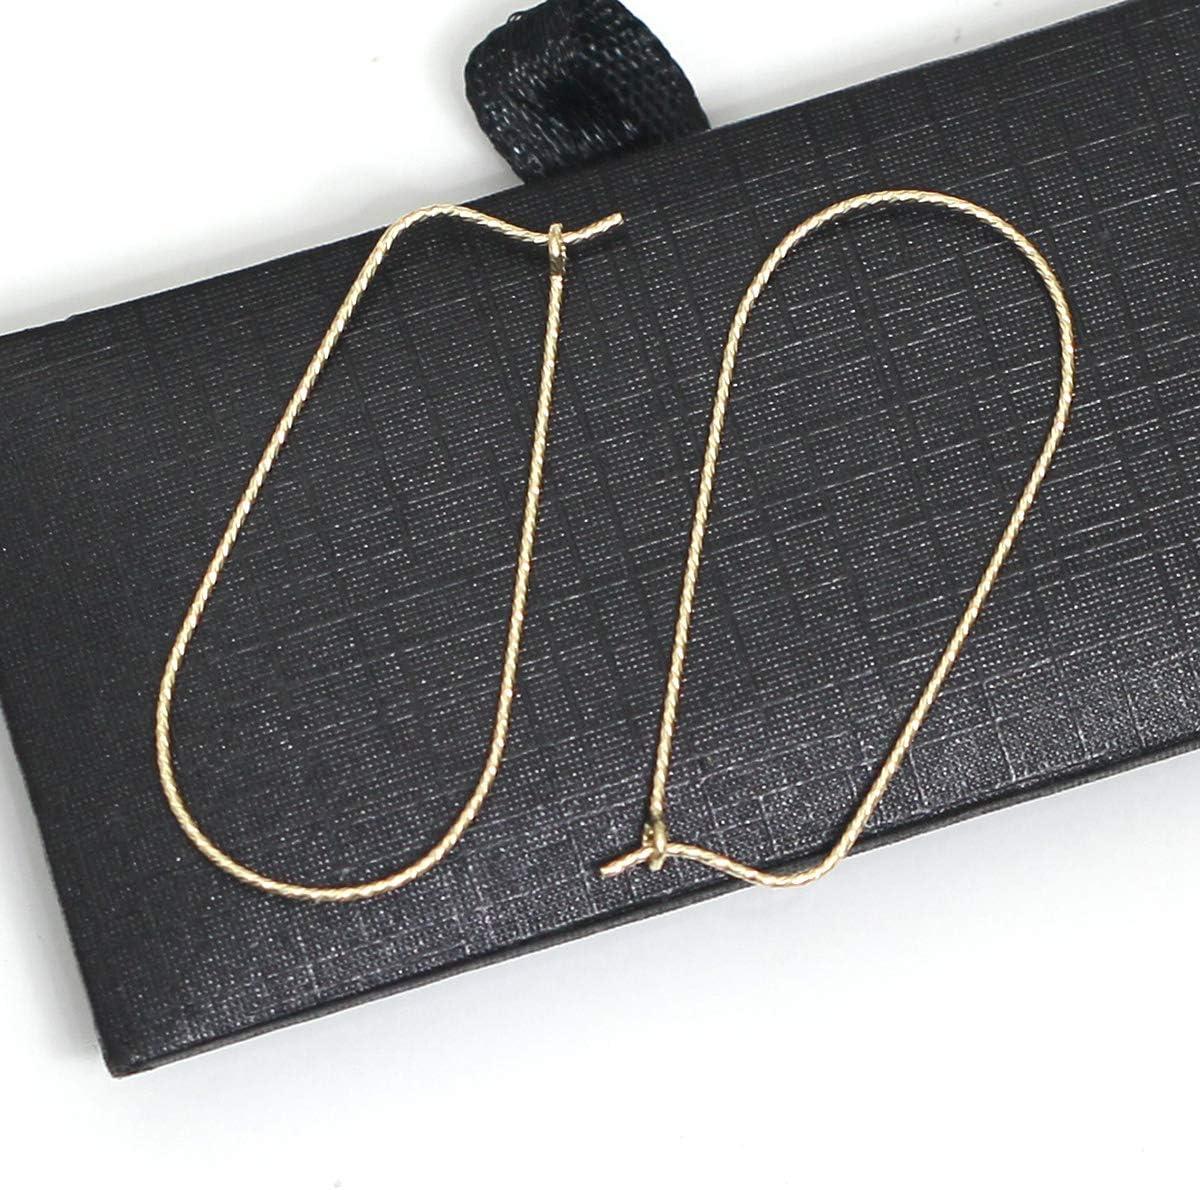 beadsnice 14K Gold Filled Kidney Ear Wires Hoop Earrings Jewelry Findings 16X0.51mm